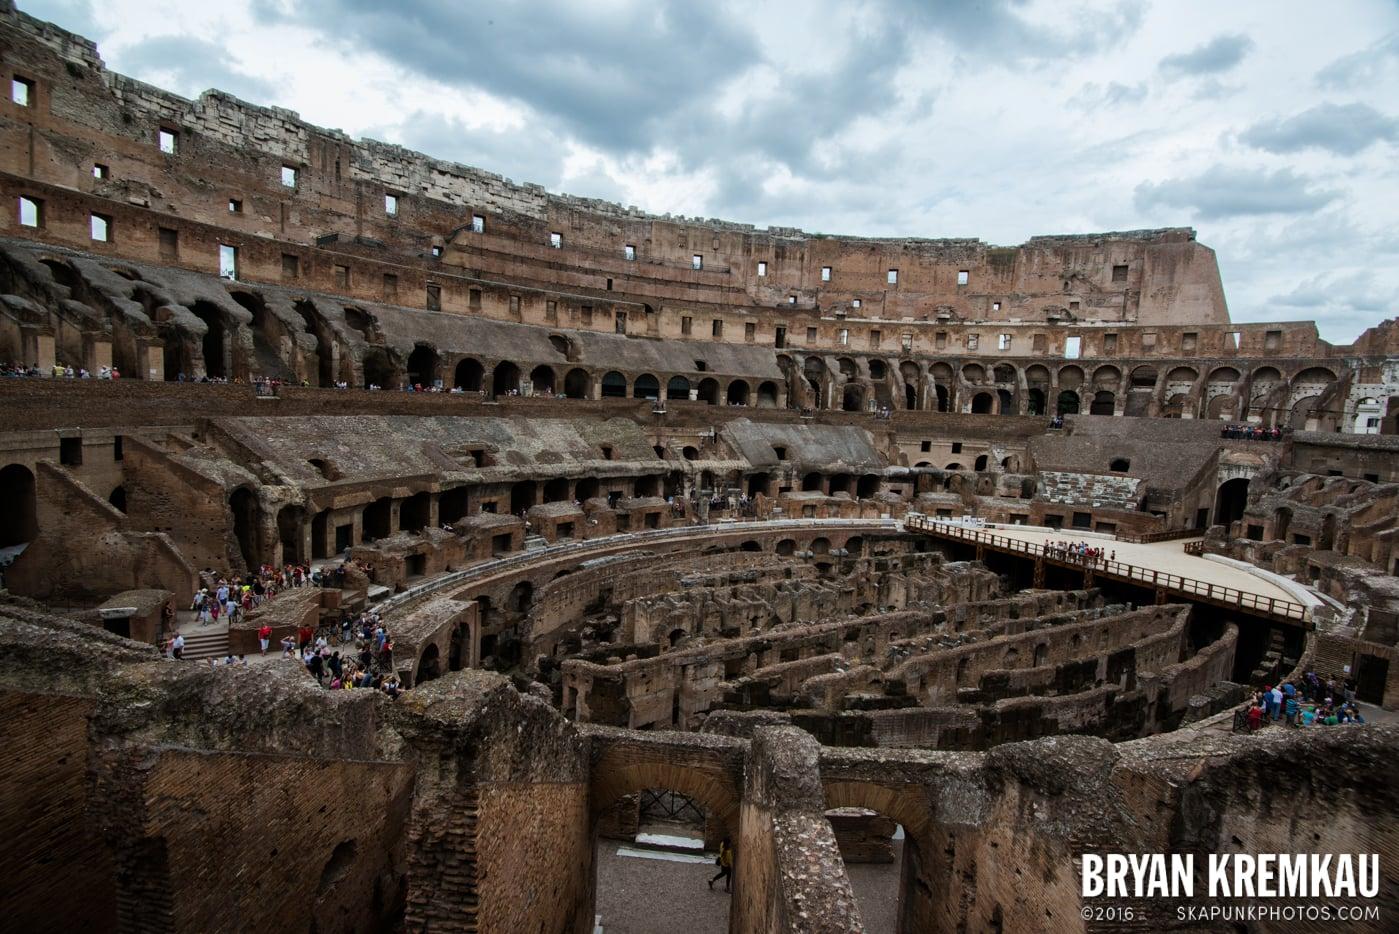 Italy Vacation - Day 2: Rome - 9.10.13 (41)